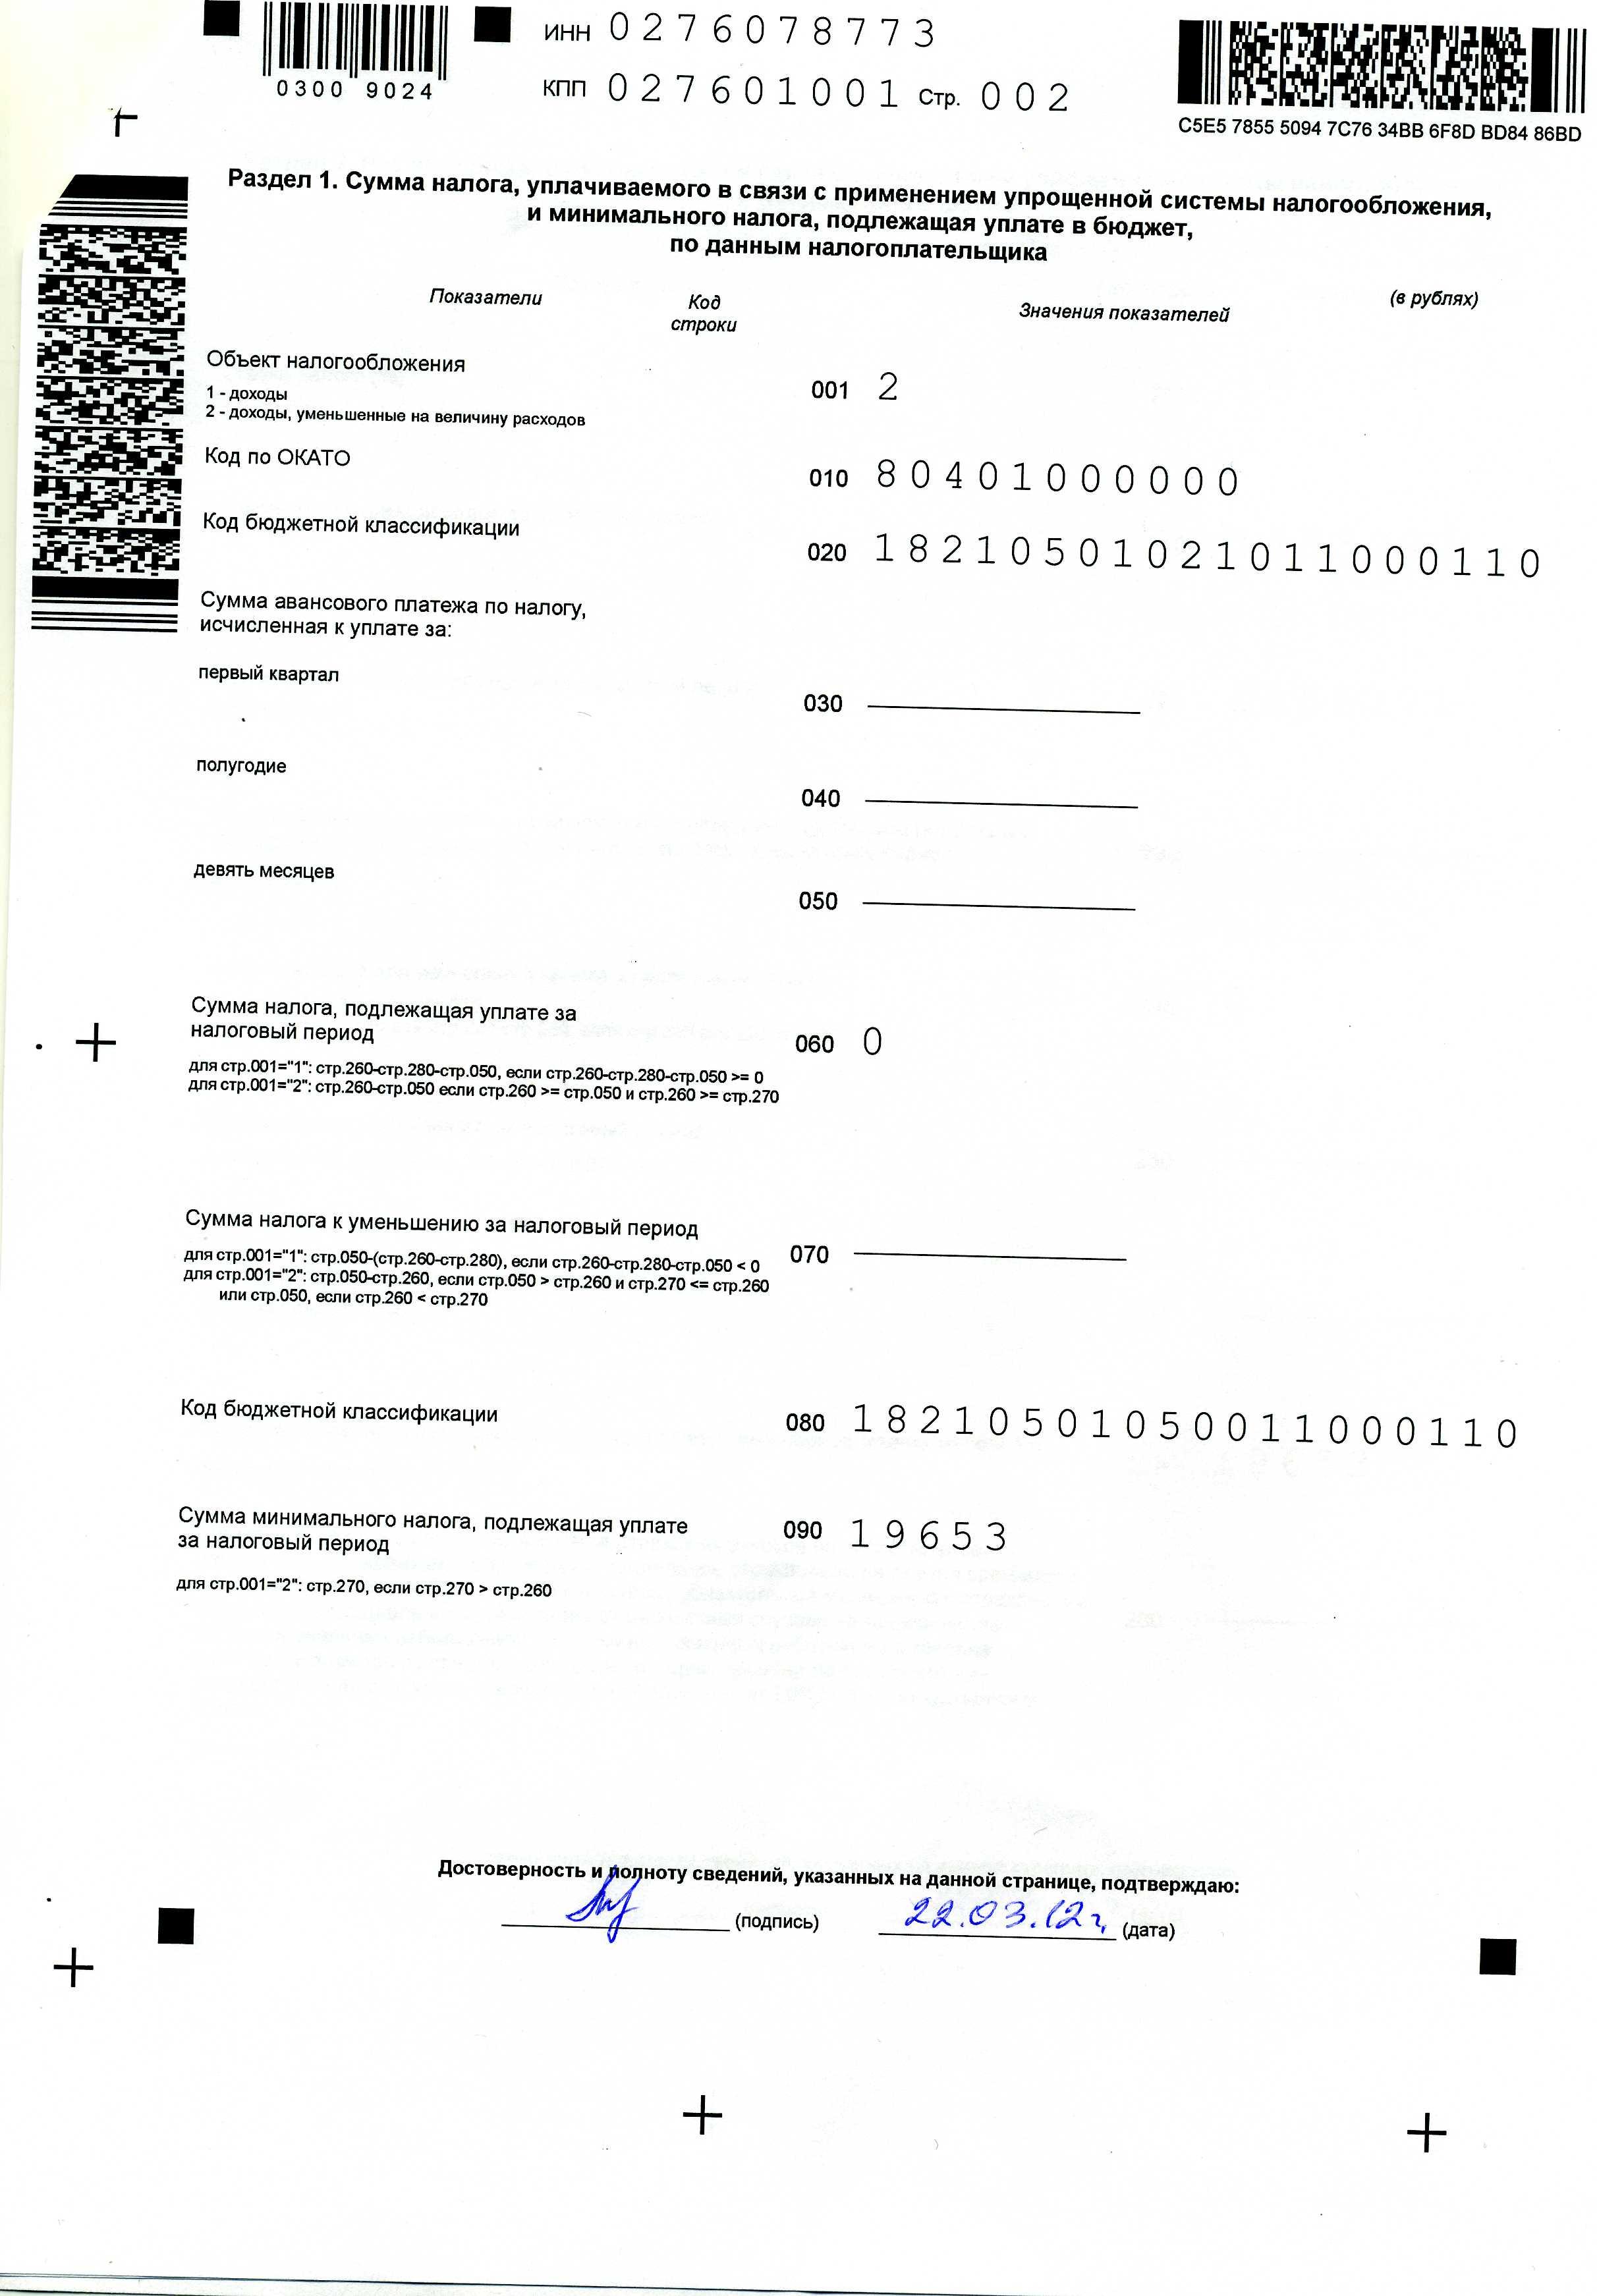 Годовой отчет  2011 год, 2 лист.jpg